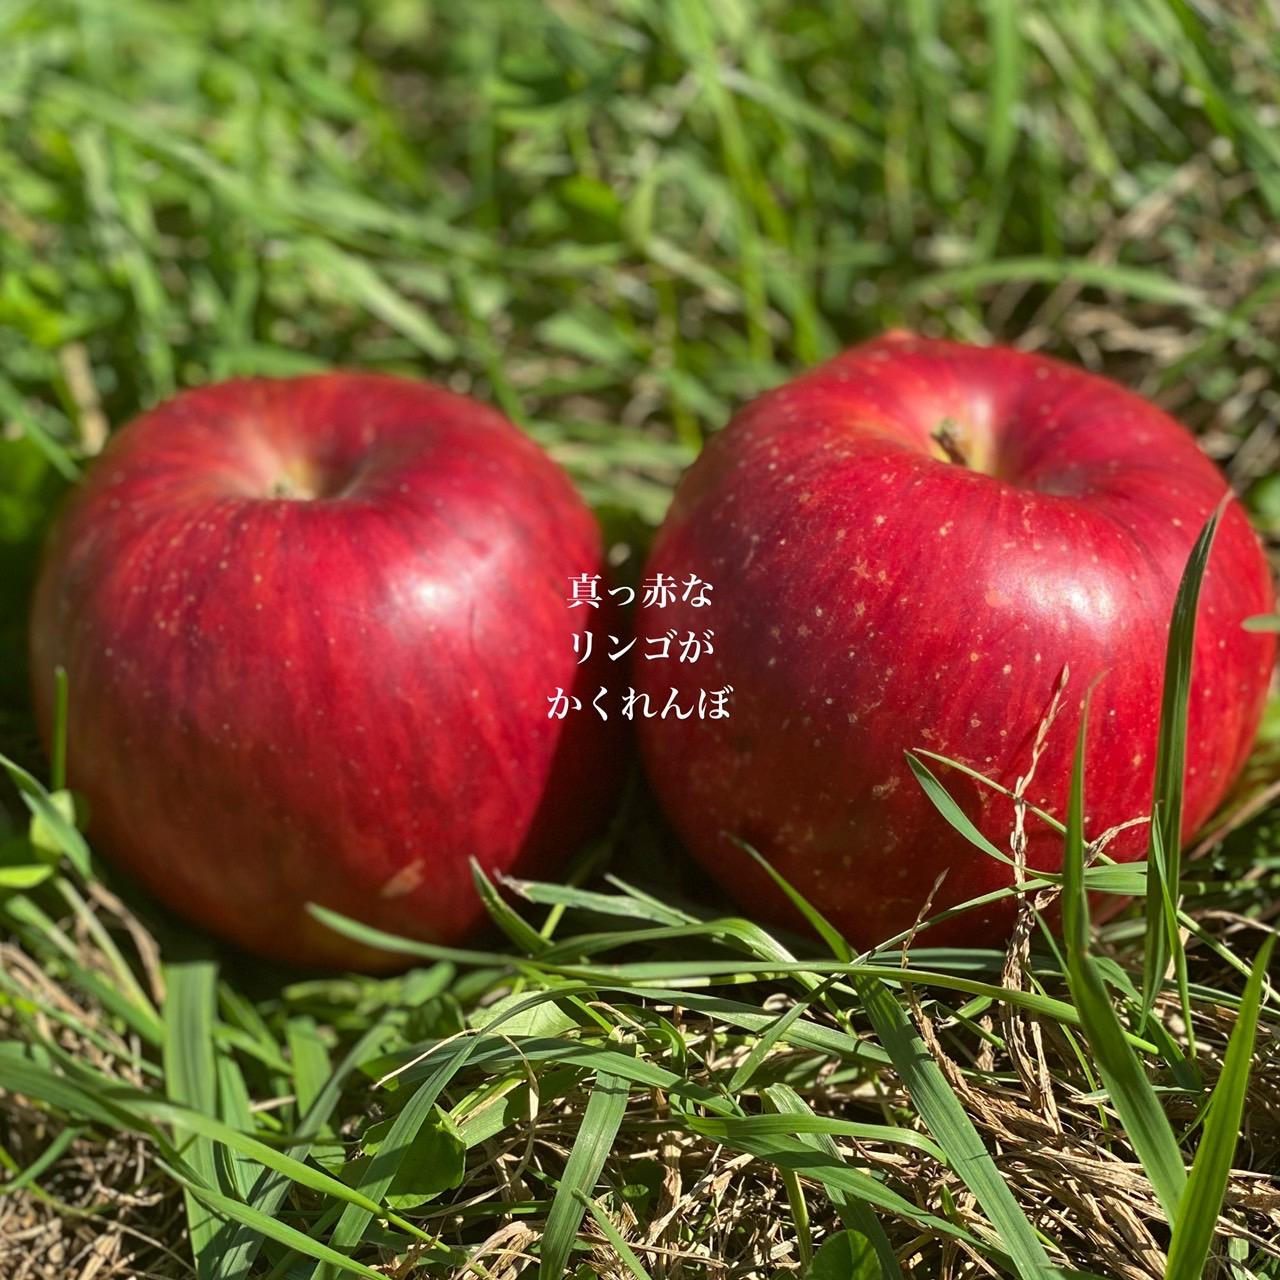 仲沢りんご園 信州りんご三兄弟の次男シナノスイート🍎 4kg(14~18個)